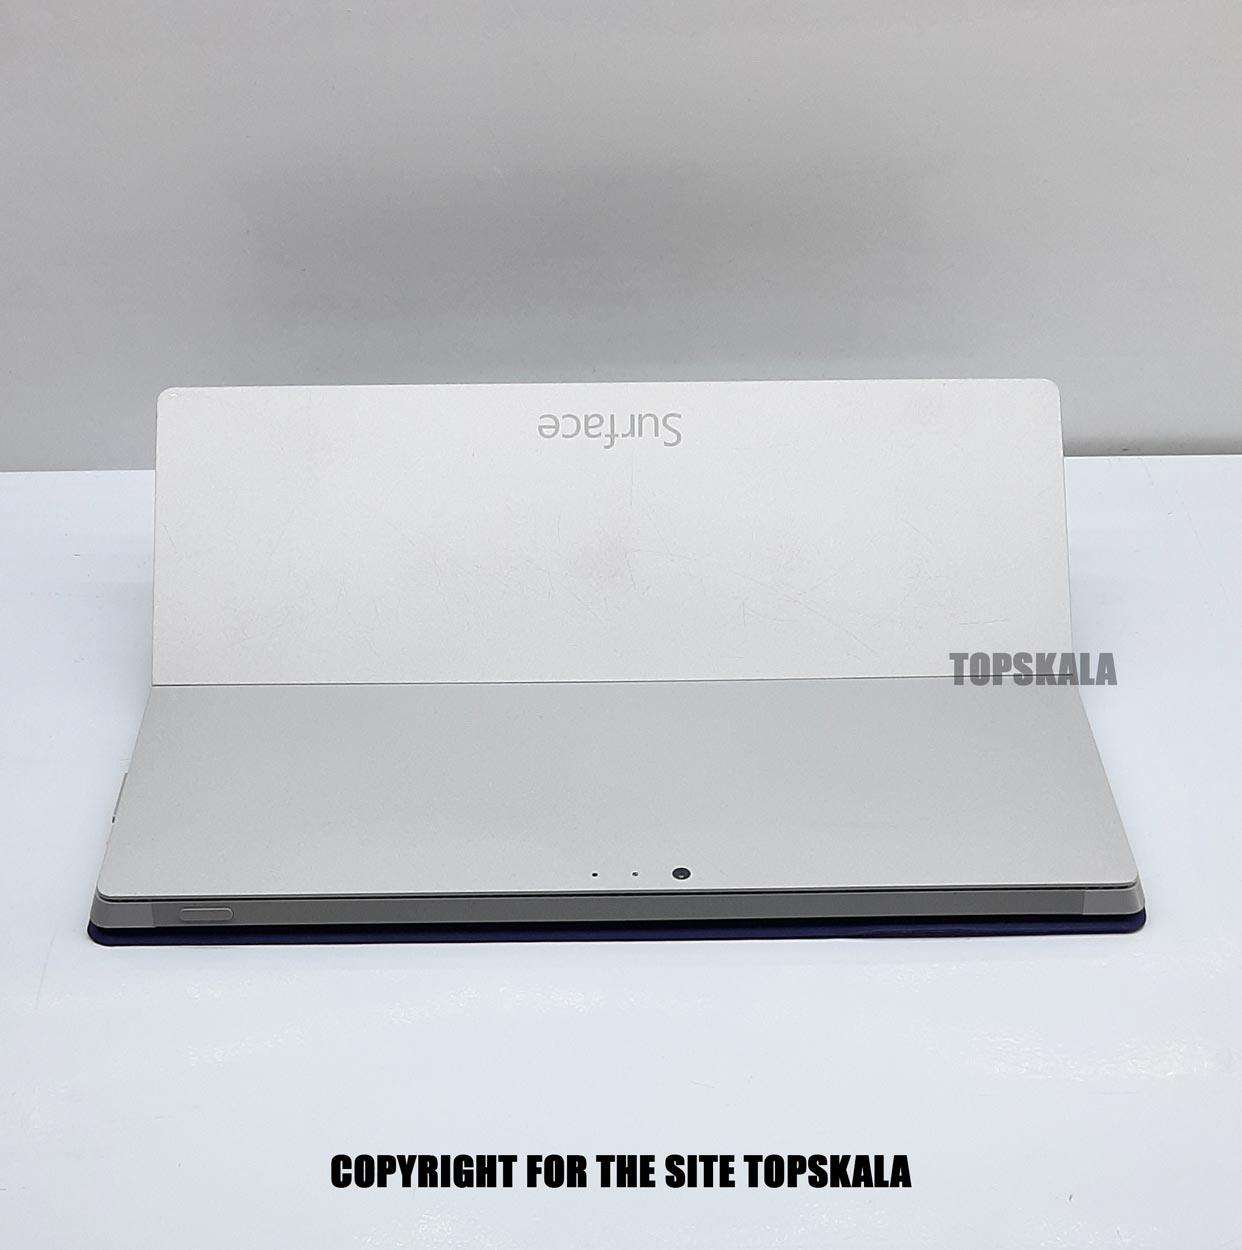 لپ تاپ سورفیس پرو 3 استوک مایکروسافت مدل Microsoft Surface Pro 3لپ تاپ استوک سرفیس پرو 3 مدل  Microsoft Surface Pro 3 با مشخصات i5-4gen-4GB-128GB-SSD-2GB-intel-HD-4600laptop-stock-microsoft-model-surface-pro-3-i5-4GB-128GB